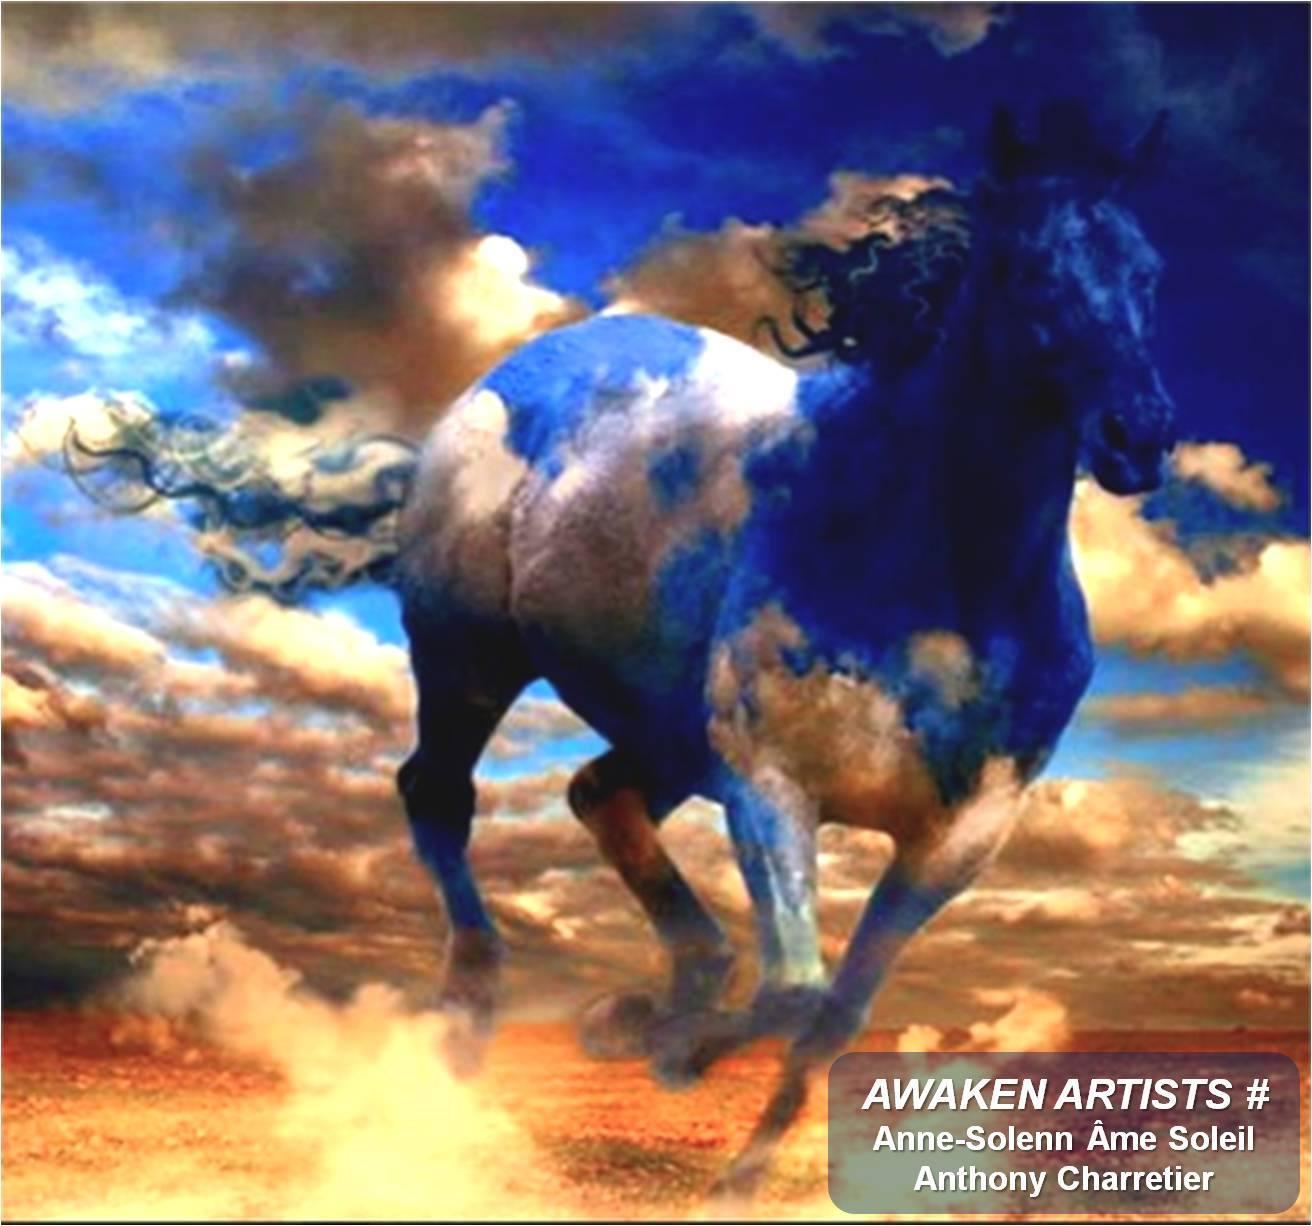 Awaken Artists